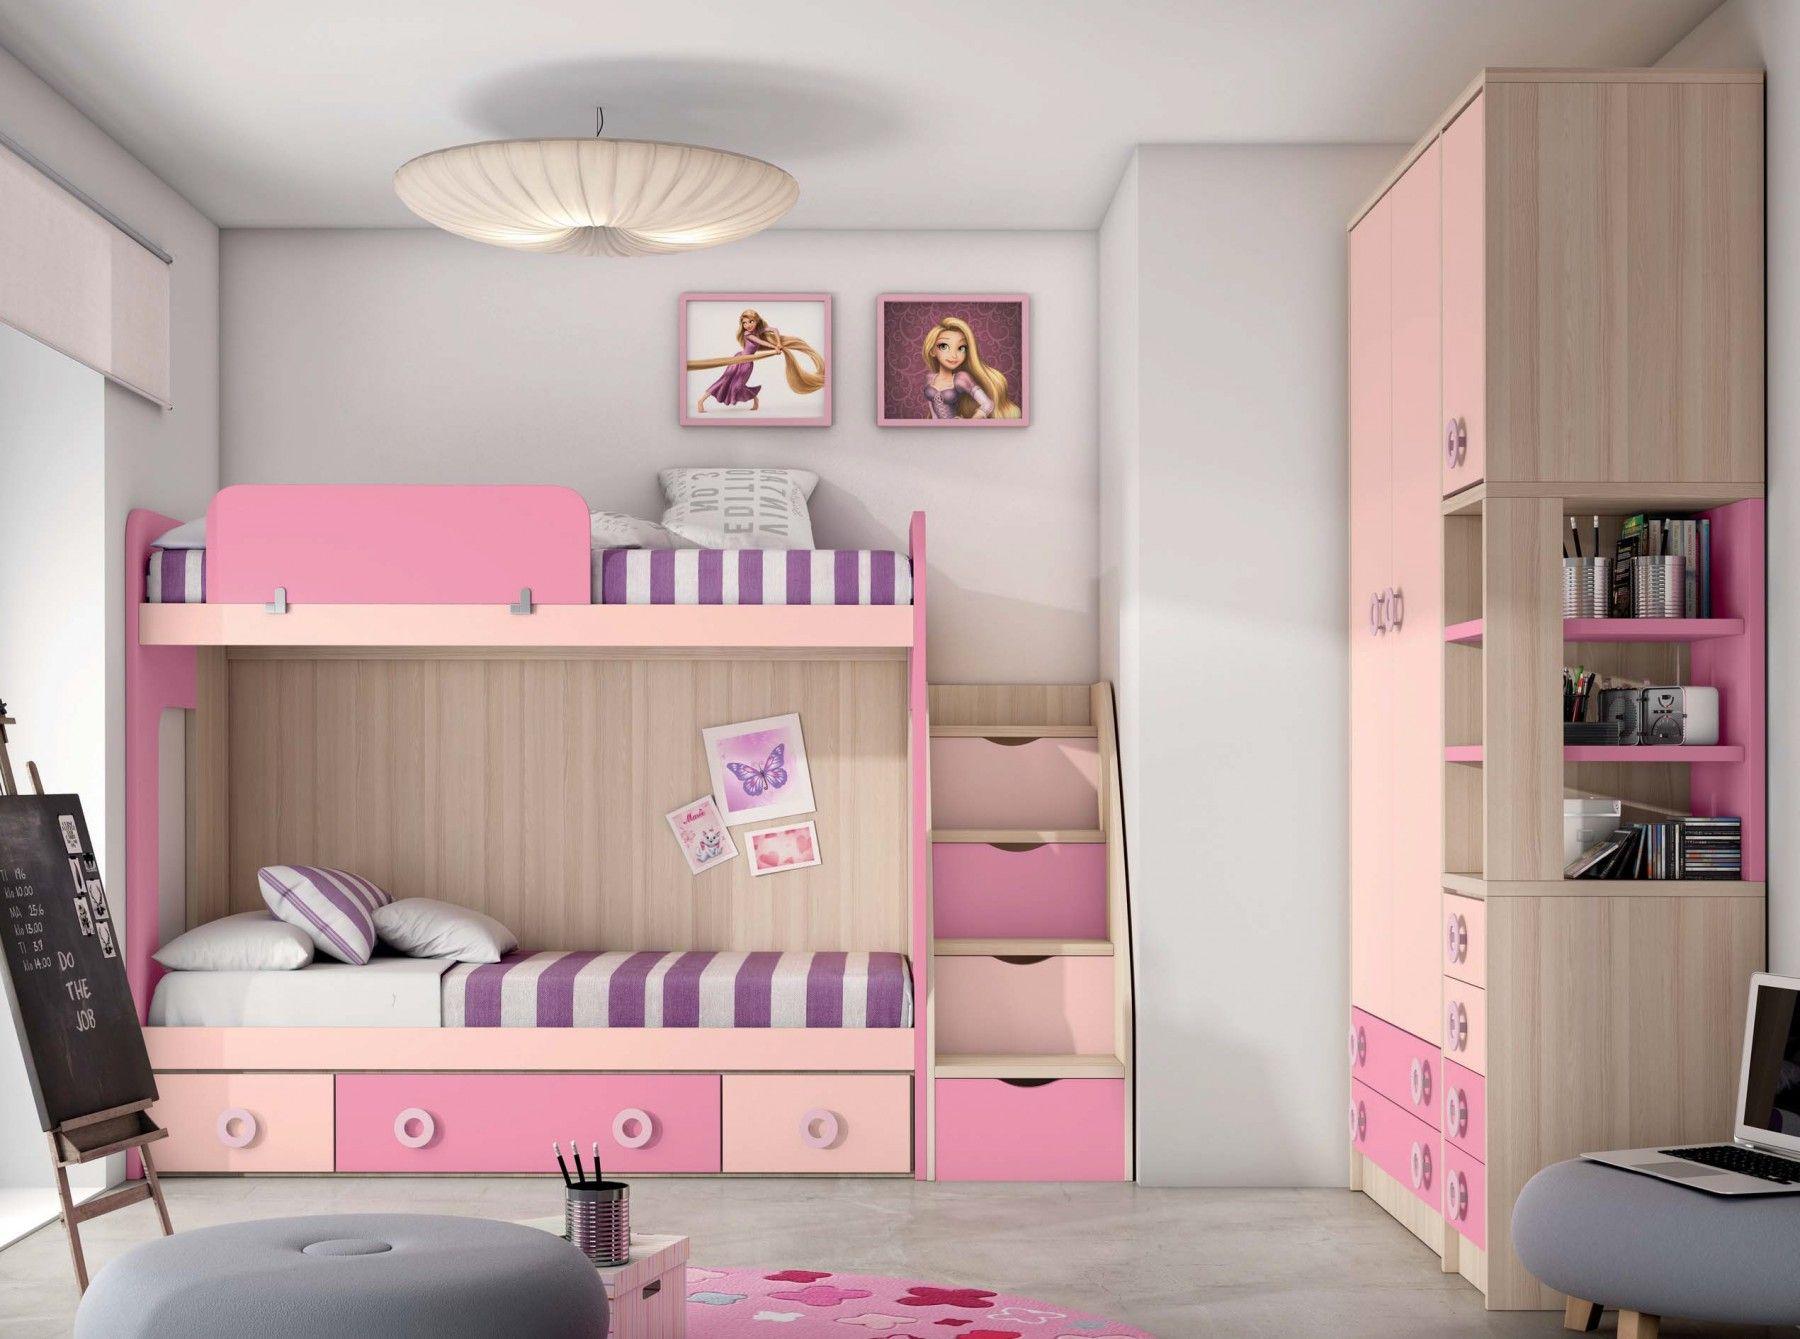 Astounding Kinder Und Jugendzimmer Sammlung Von Kinderzimmer Step 315 - Kinder- Sets -